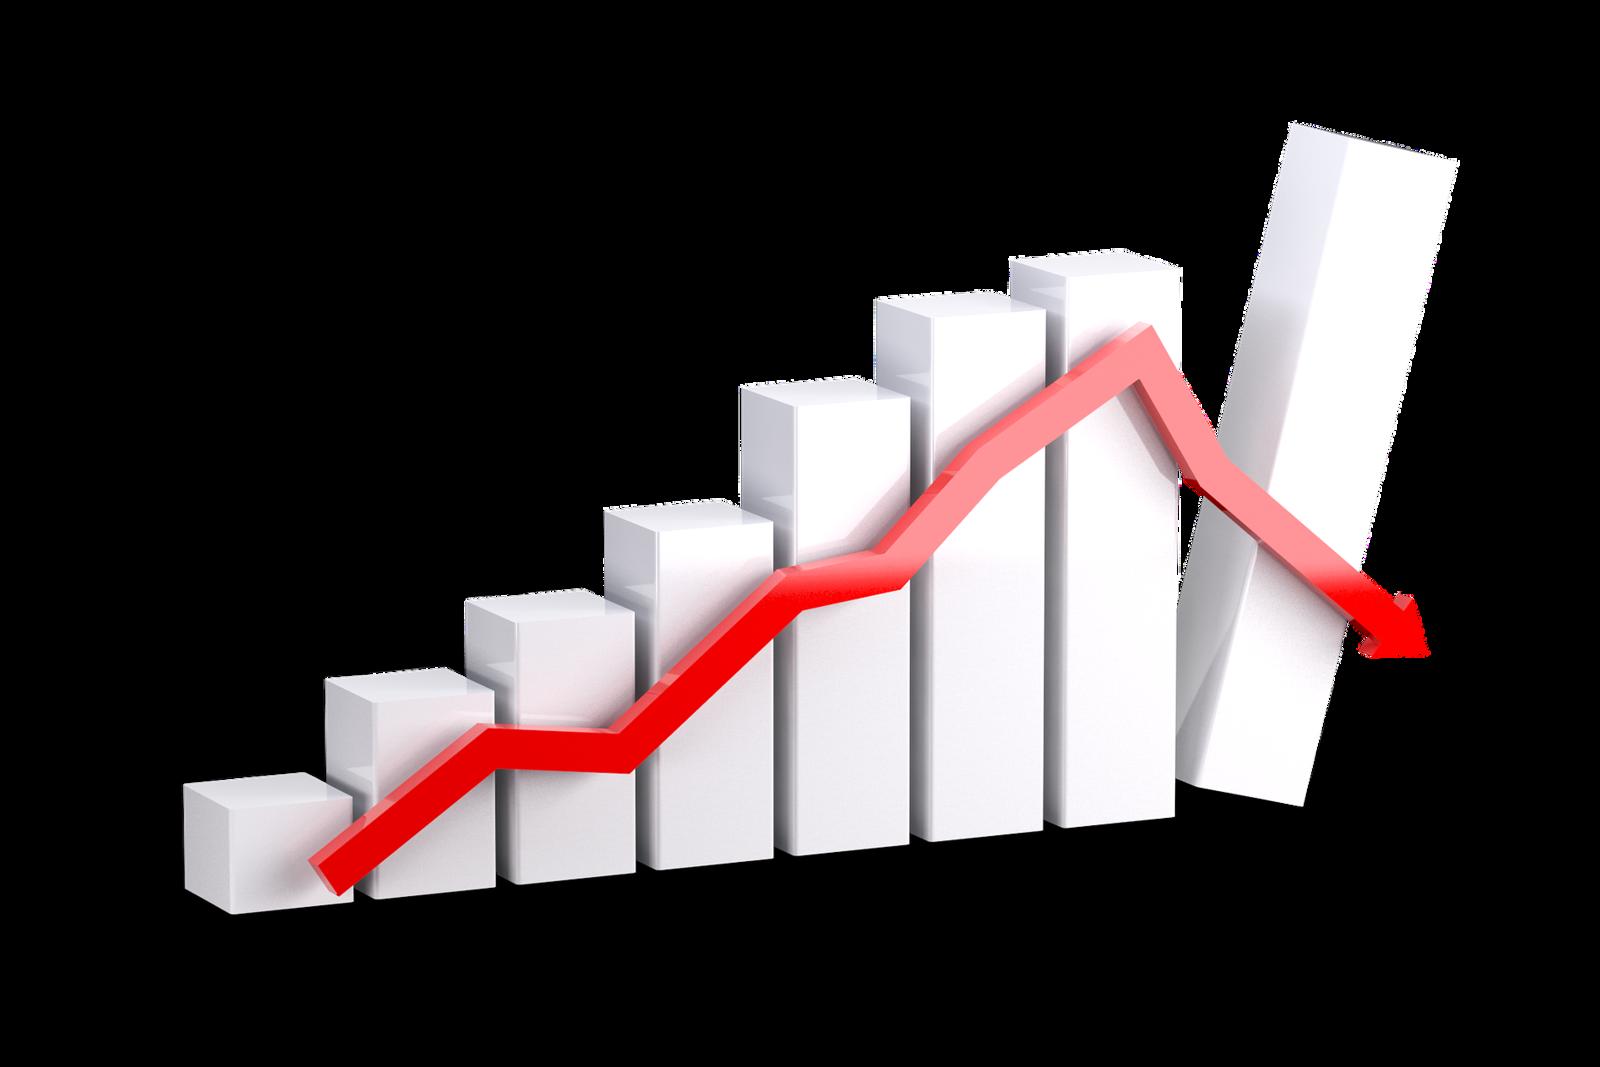 ¿Cuanto dinero se pierde en una crisis financiera?